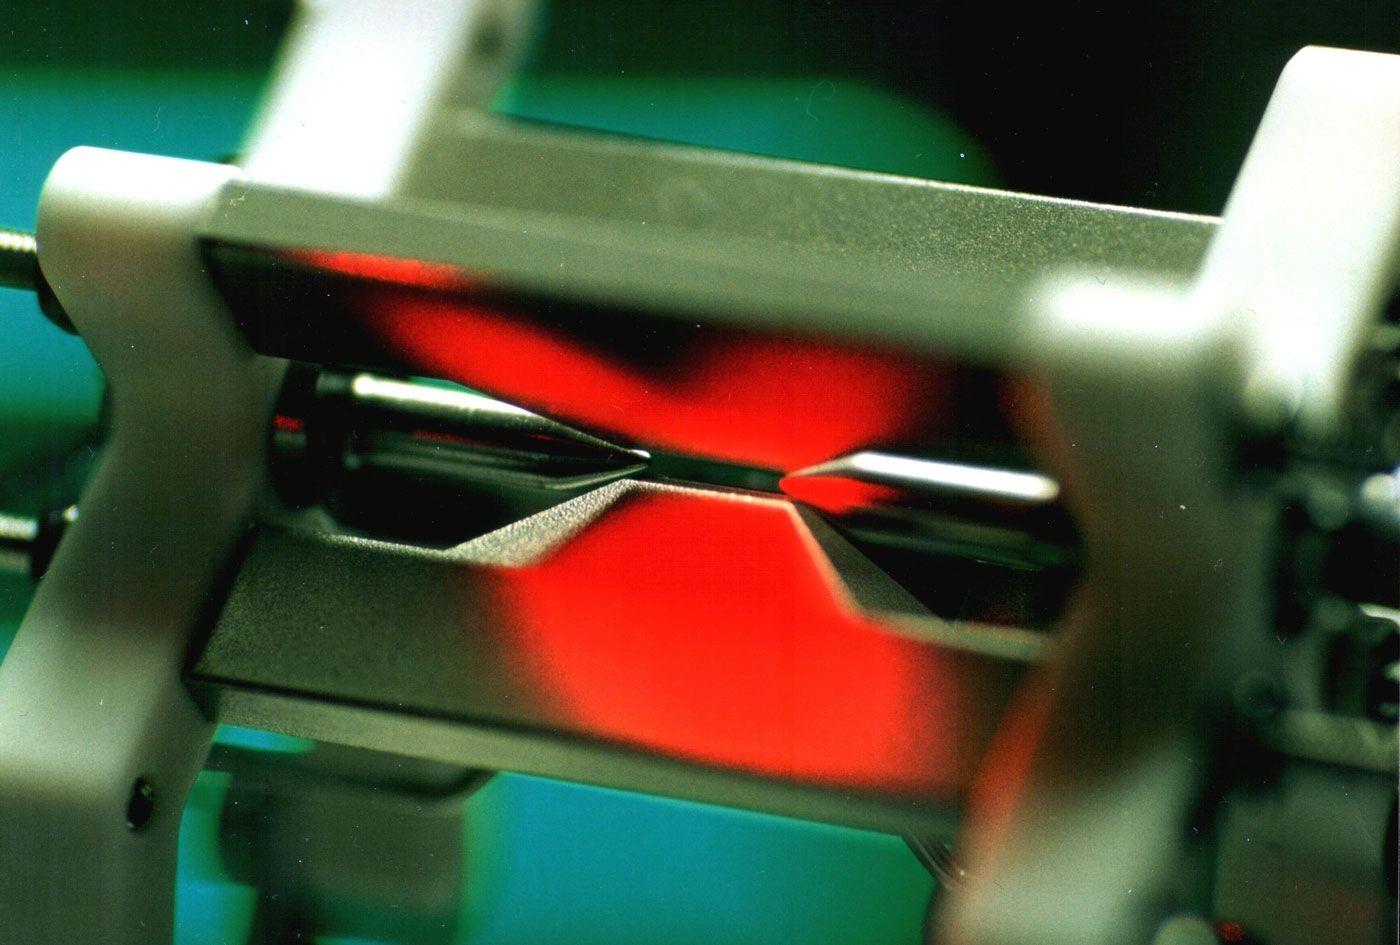 Quantum Computer Simulates Antimatter in Breakthrough Experiment